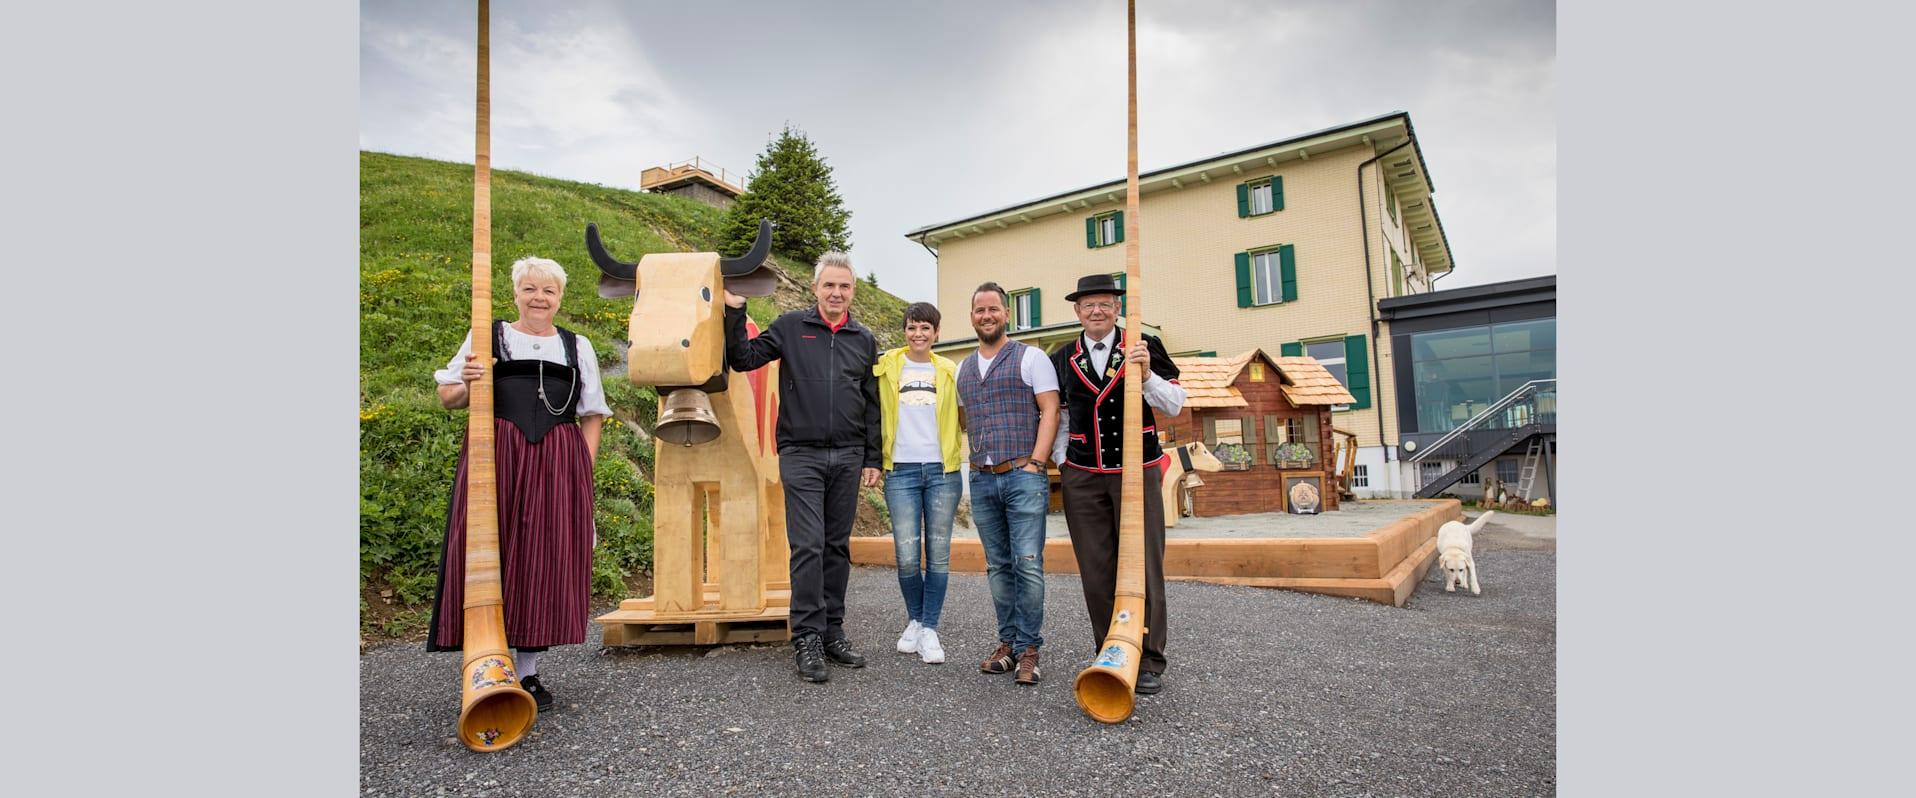 Urs Kessler Francine Jordi und Marc Trauffer mit Alphornblasern auf dem neuen Spielplatz